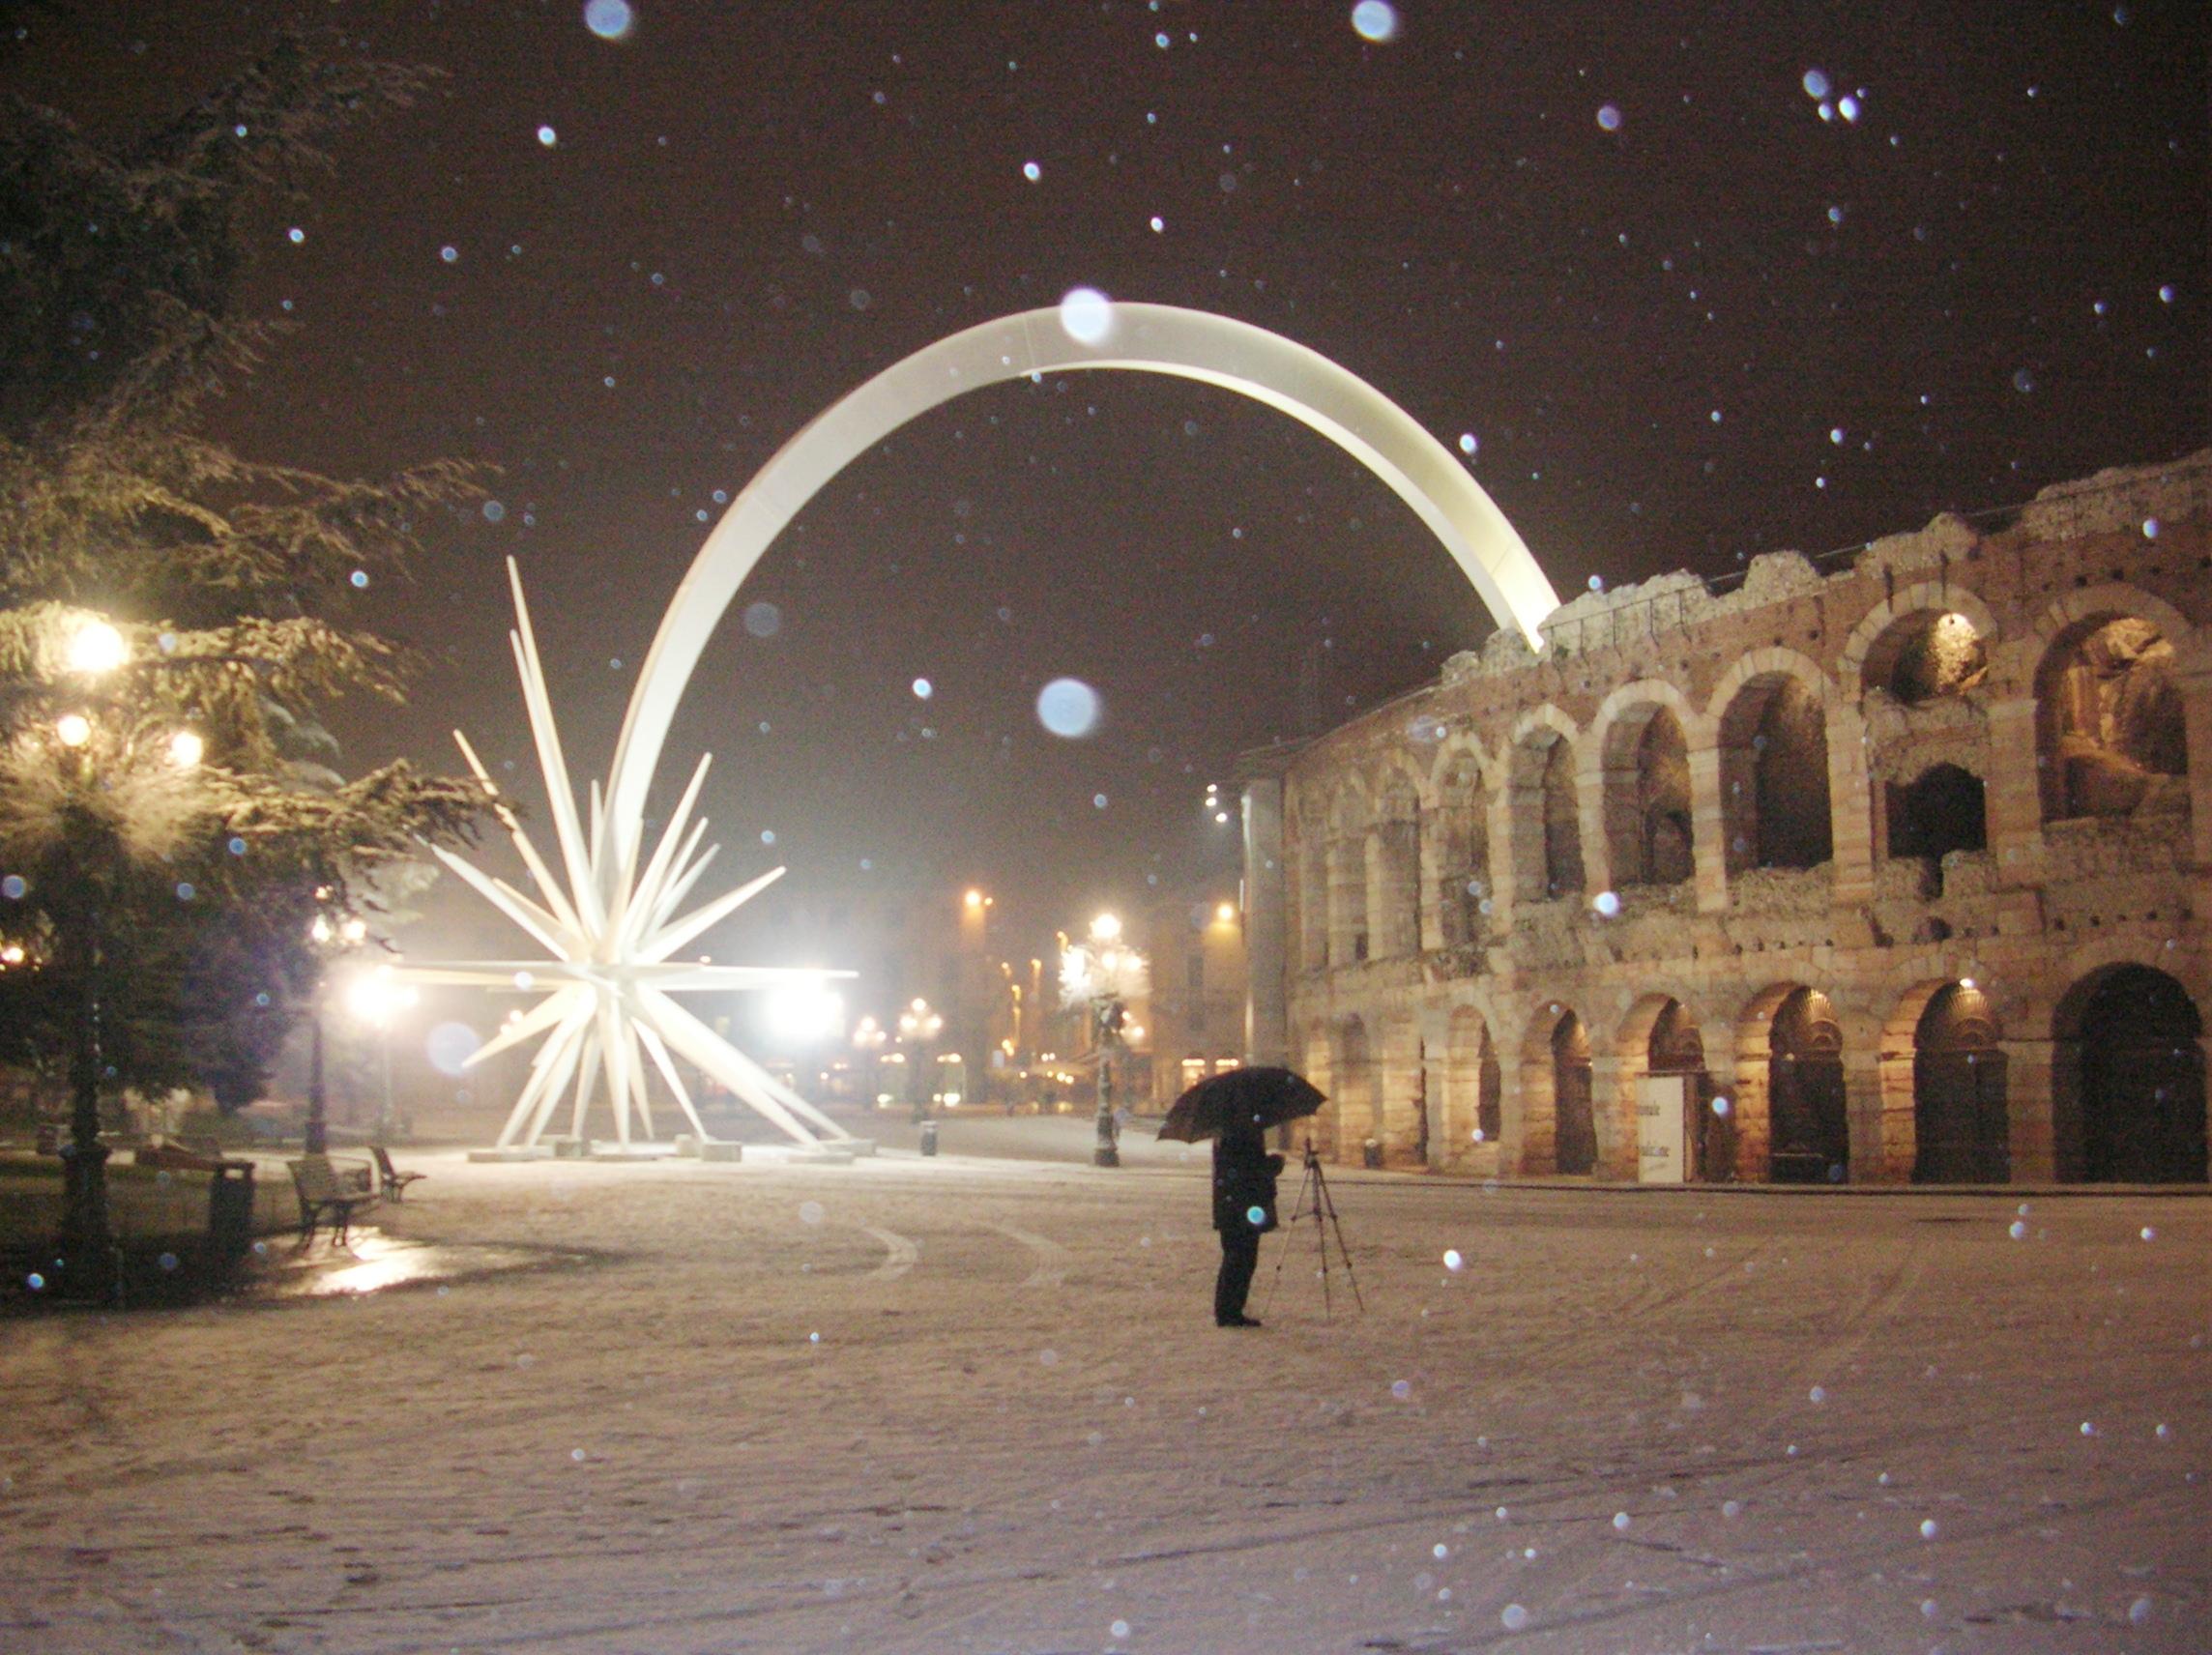 La Leggenda Della Stella Di Natale Scuola Primaria.Natale In Italia Wikipedia